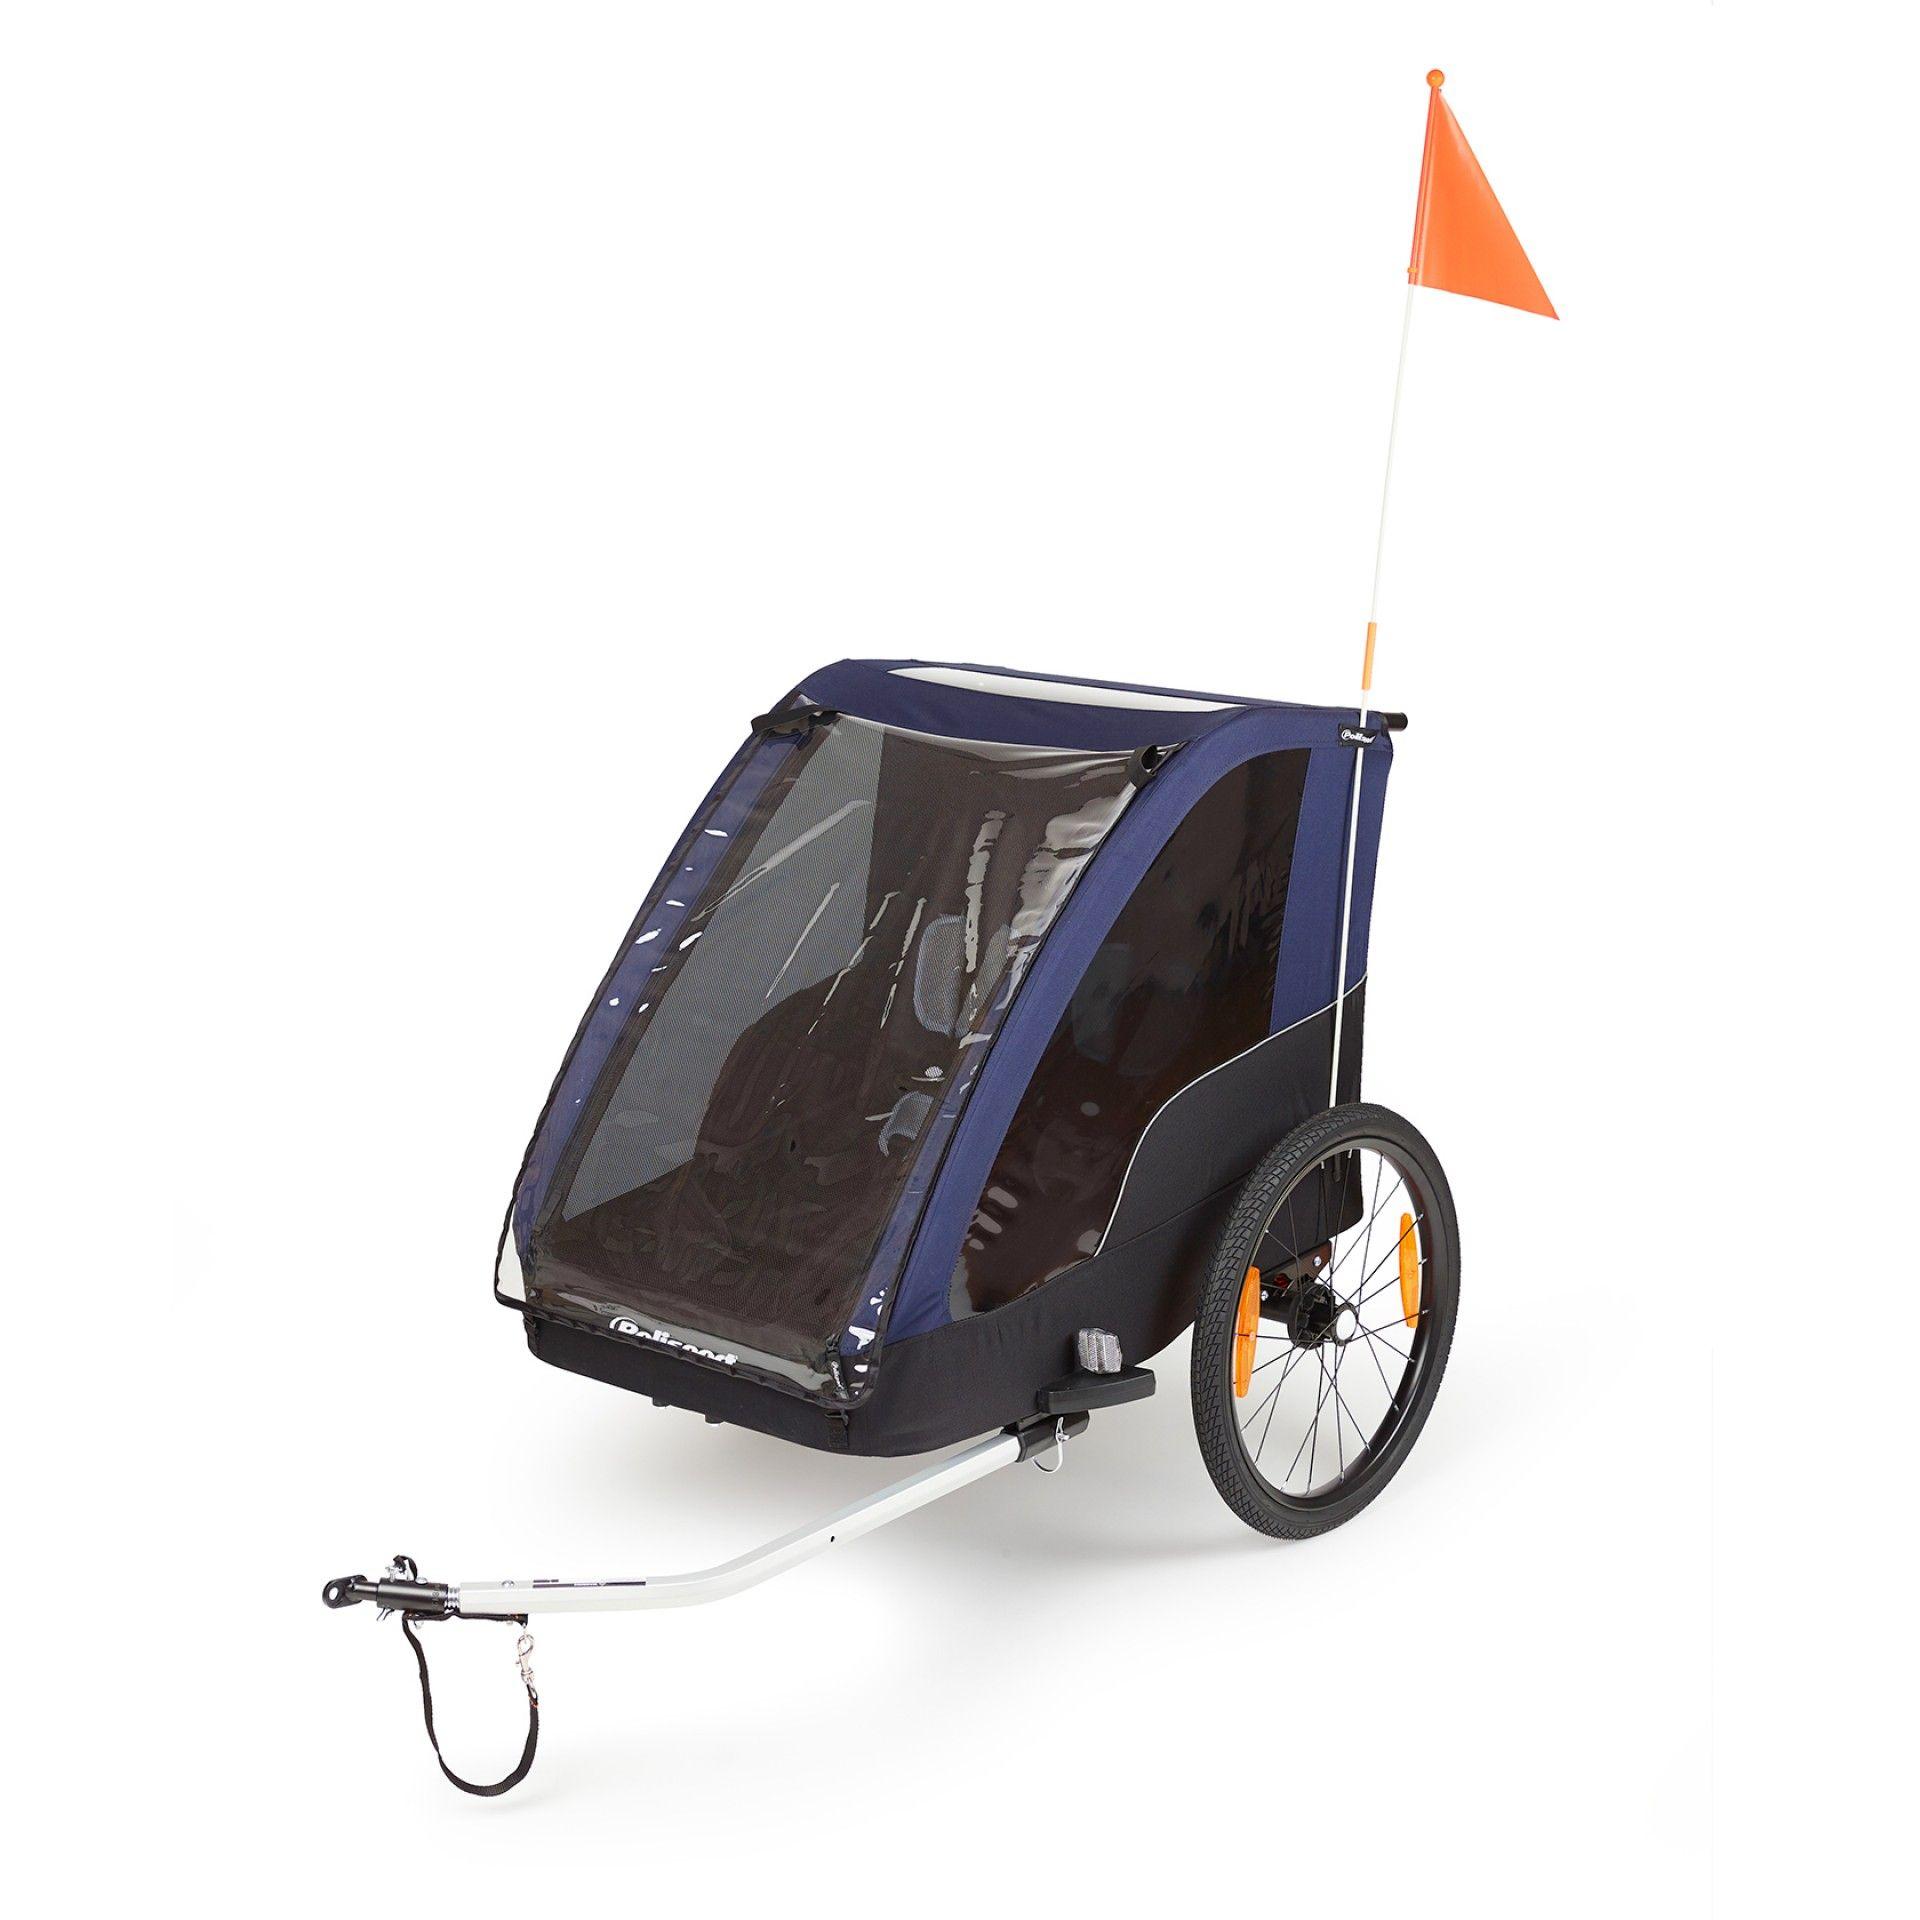 Atrelado Bicicleta Reboque Trailer carrinho Polisport Go By Bike